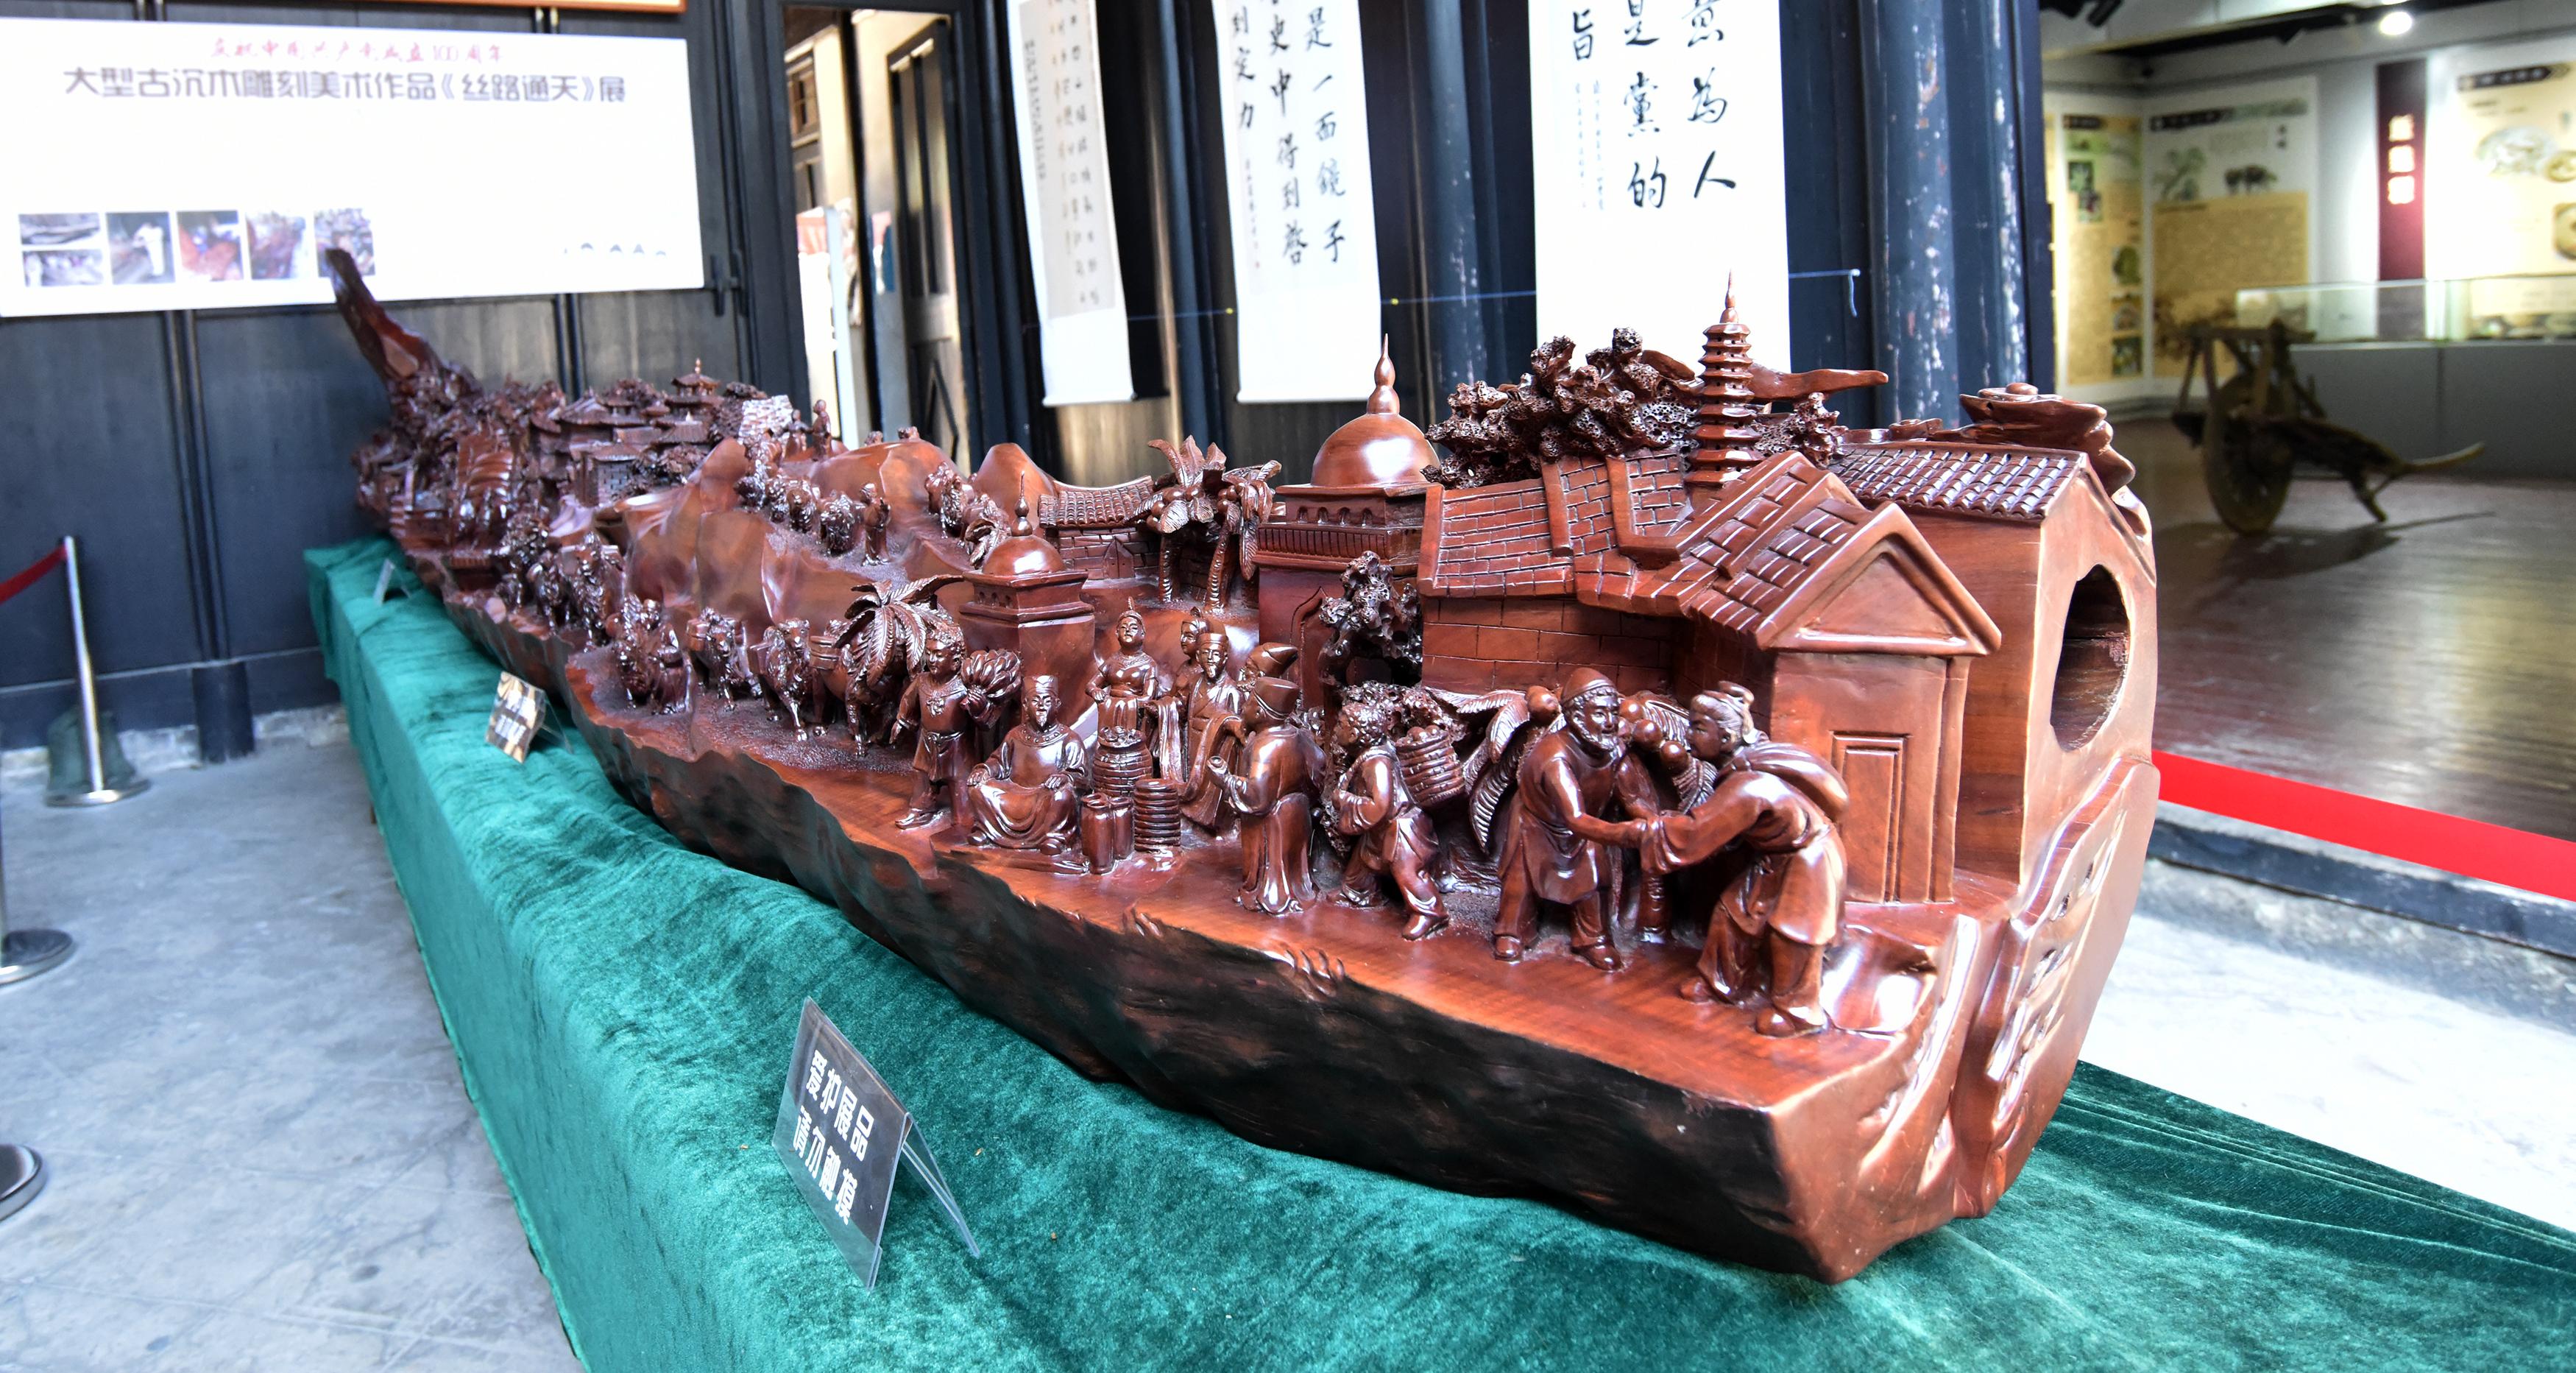 大型古沉木雕《丝路通天》在江西上饶问世